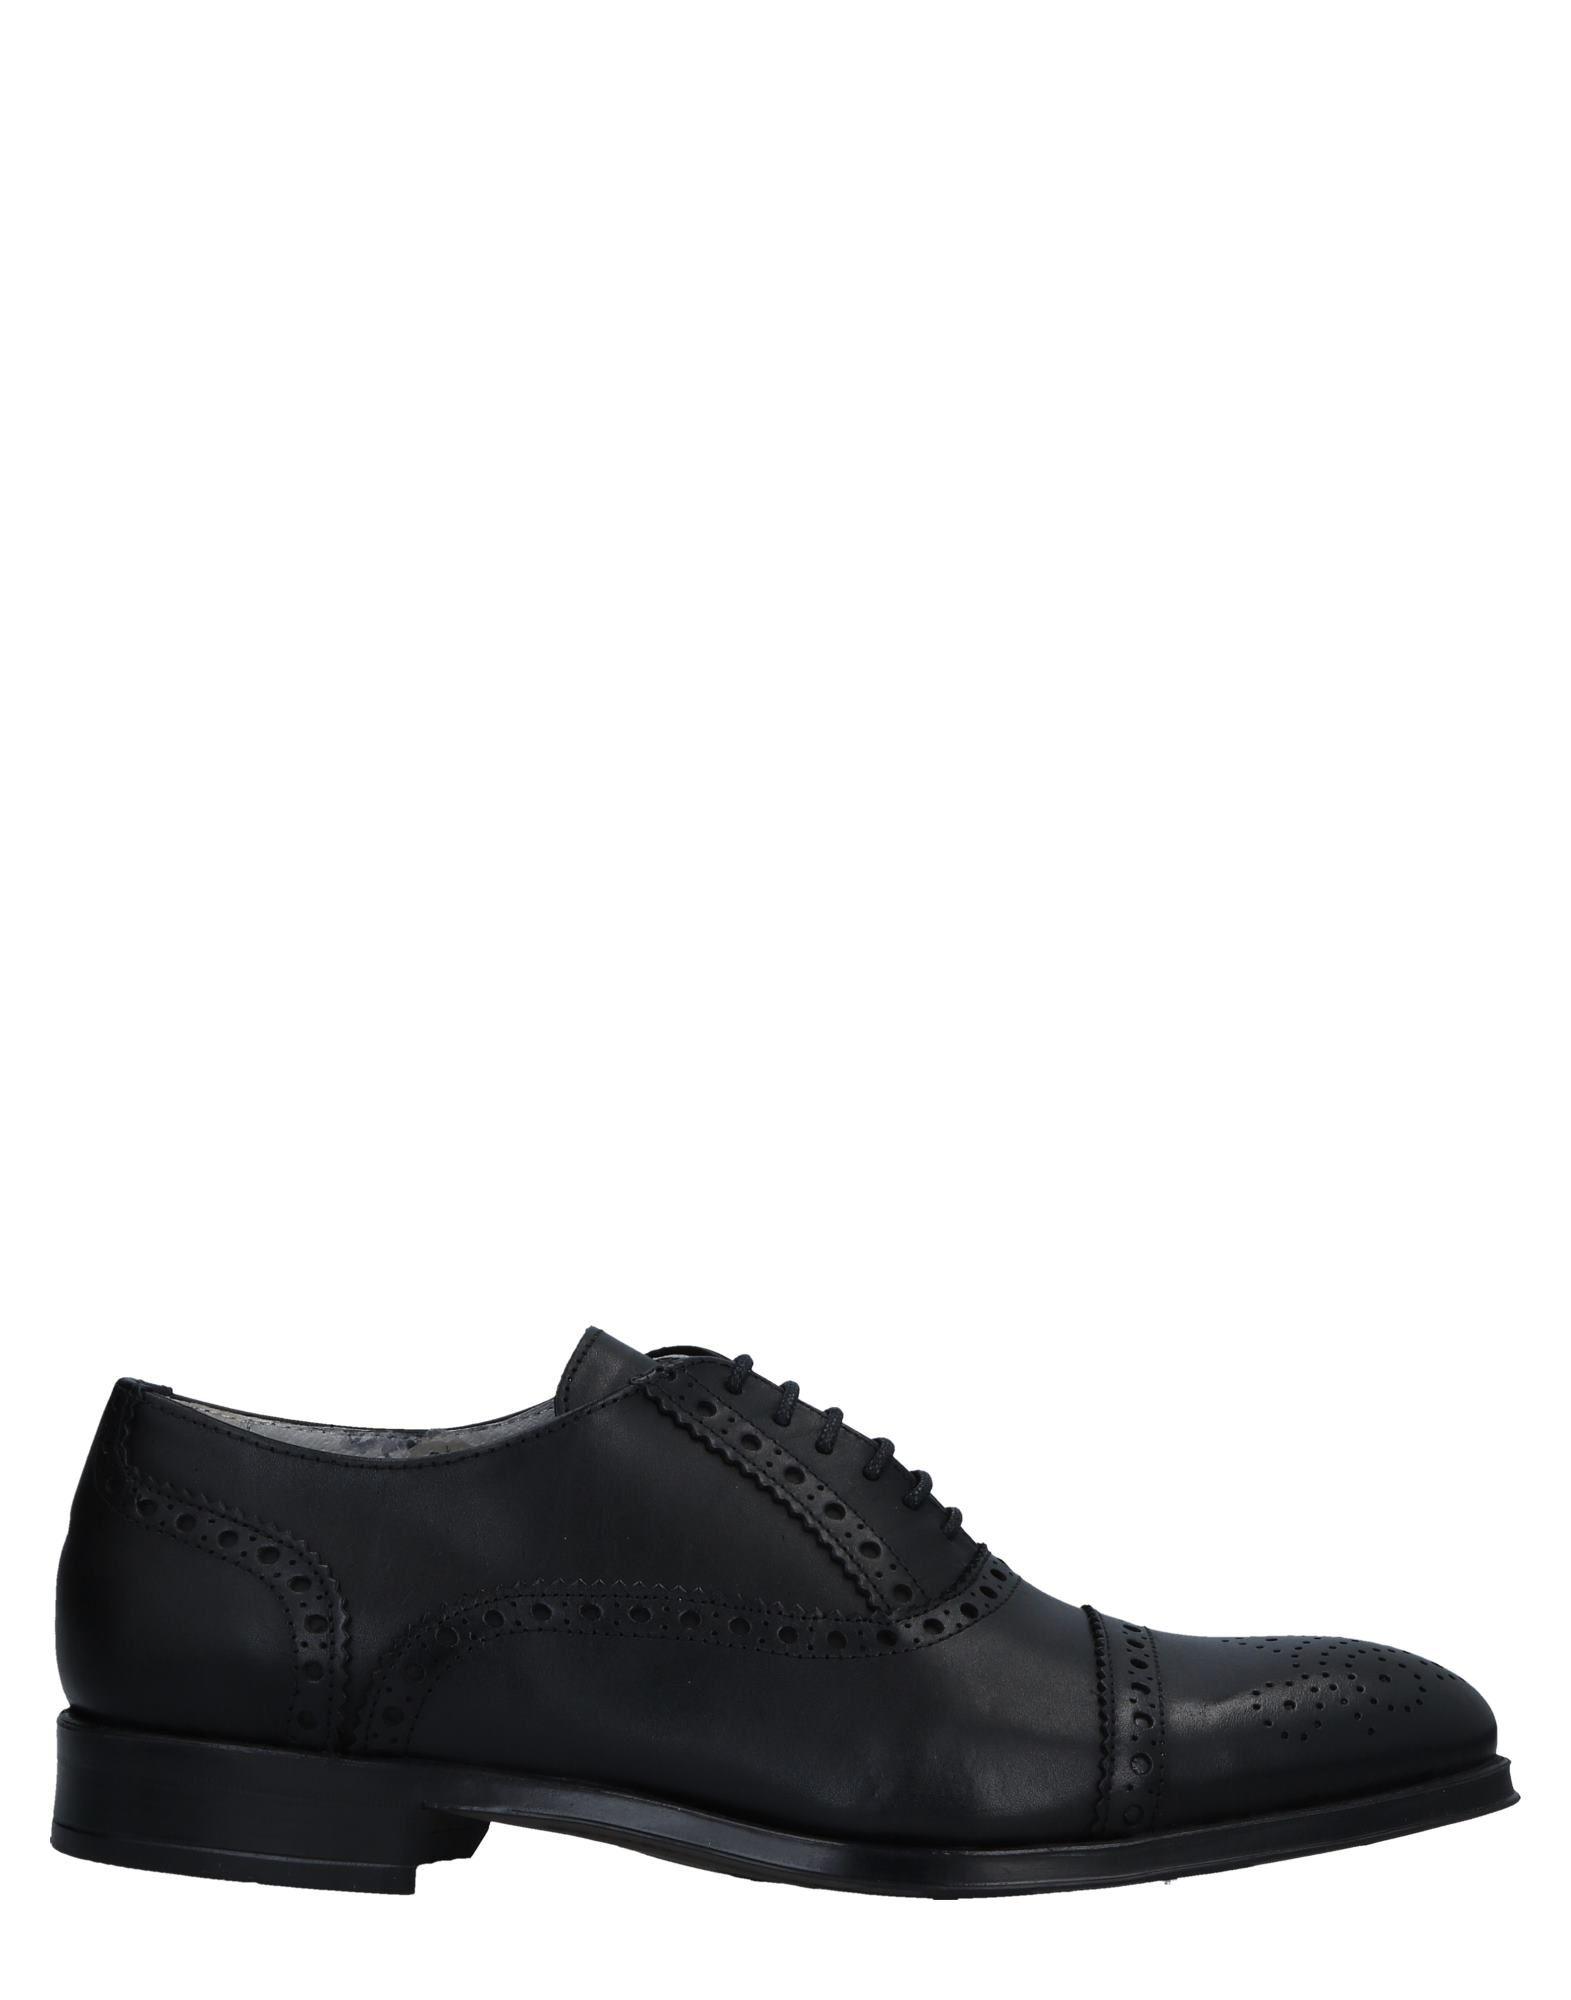 CASTELLANISIMOS® Обувь на шнурках первый внутри обувь обувь обувь обувь обувь обувь обувь обувь обувь 8a2549 мужская армия green 40 метров